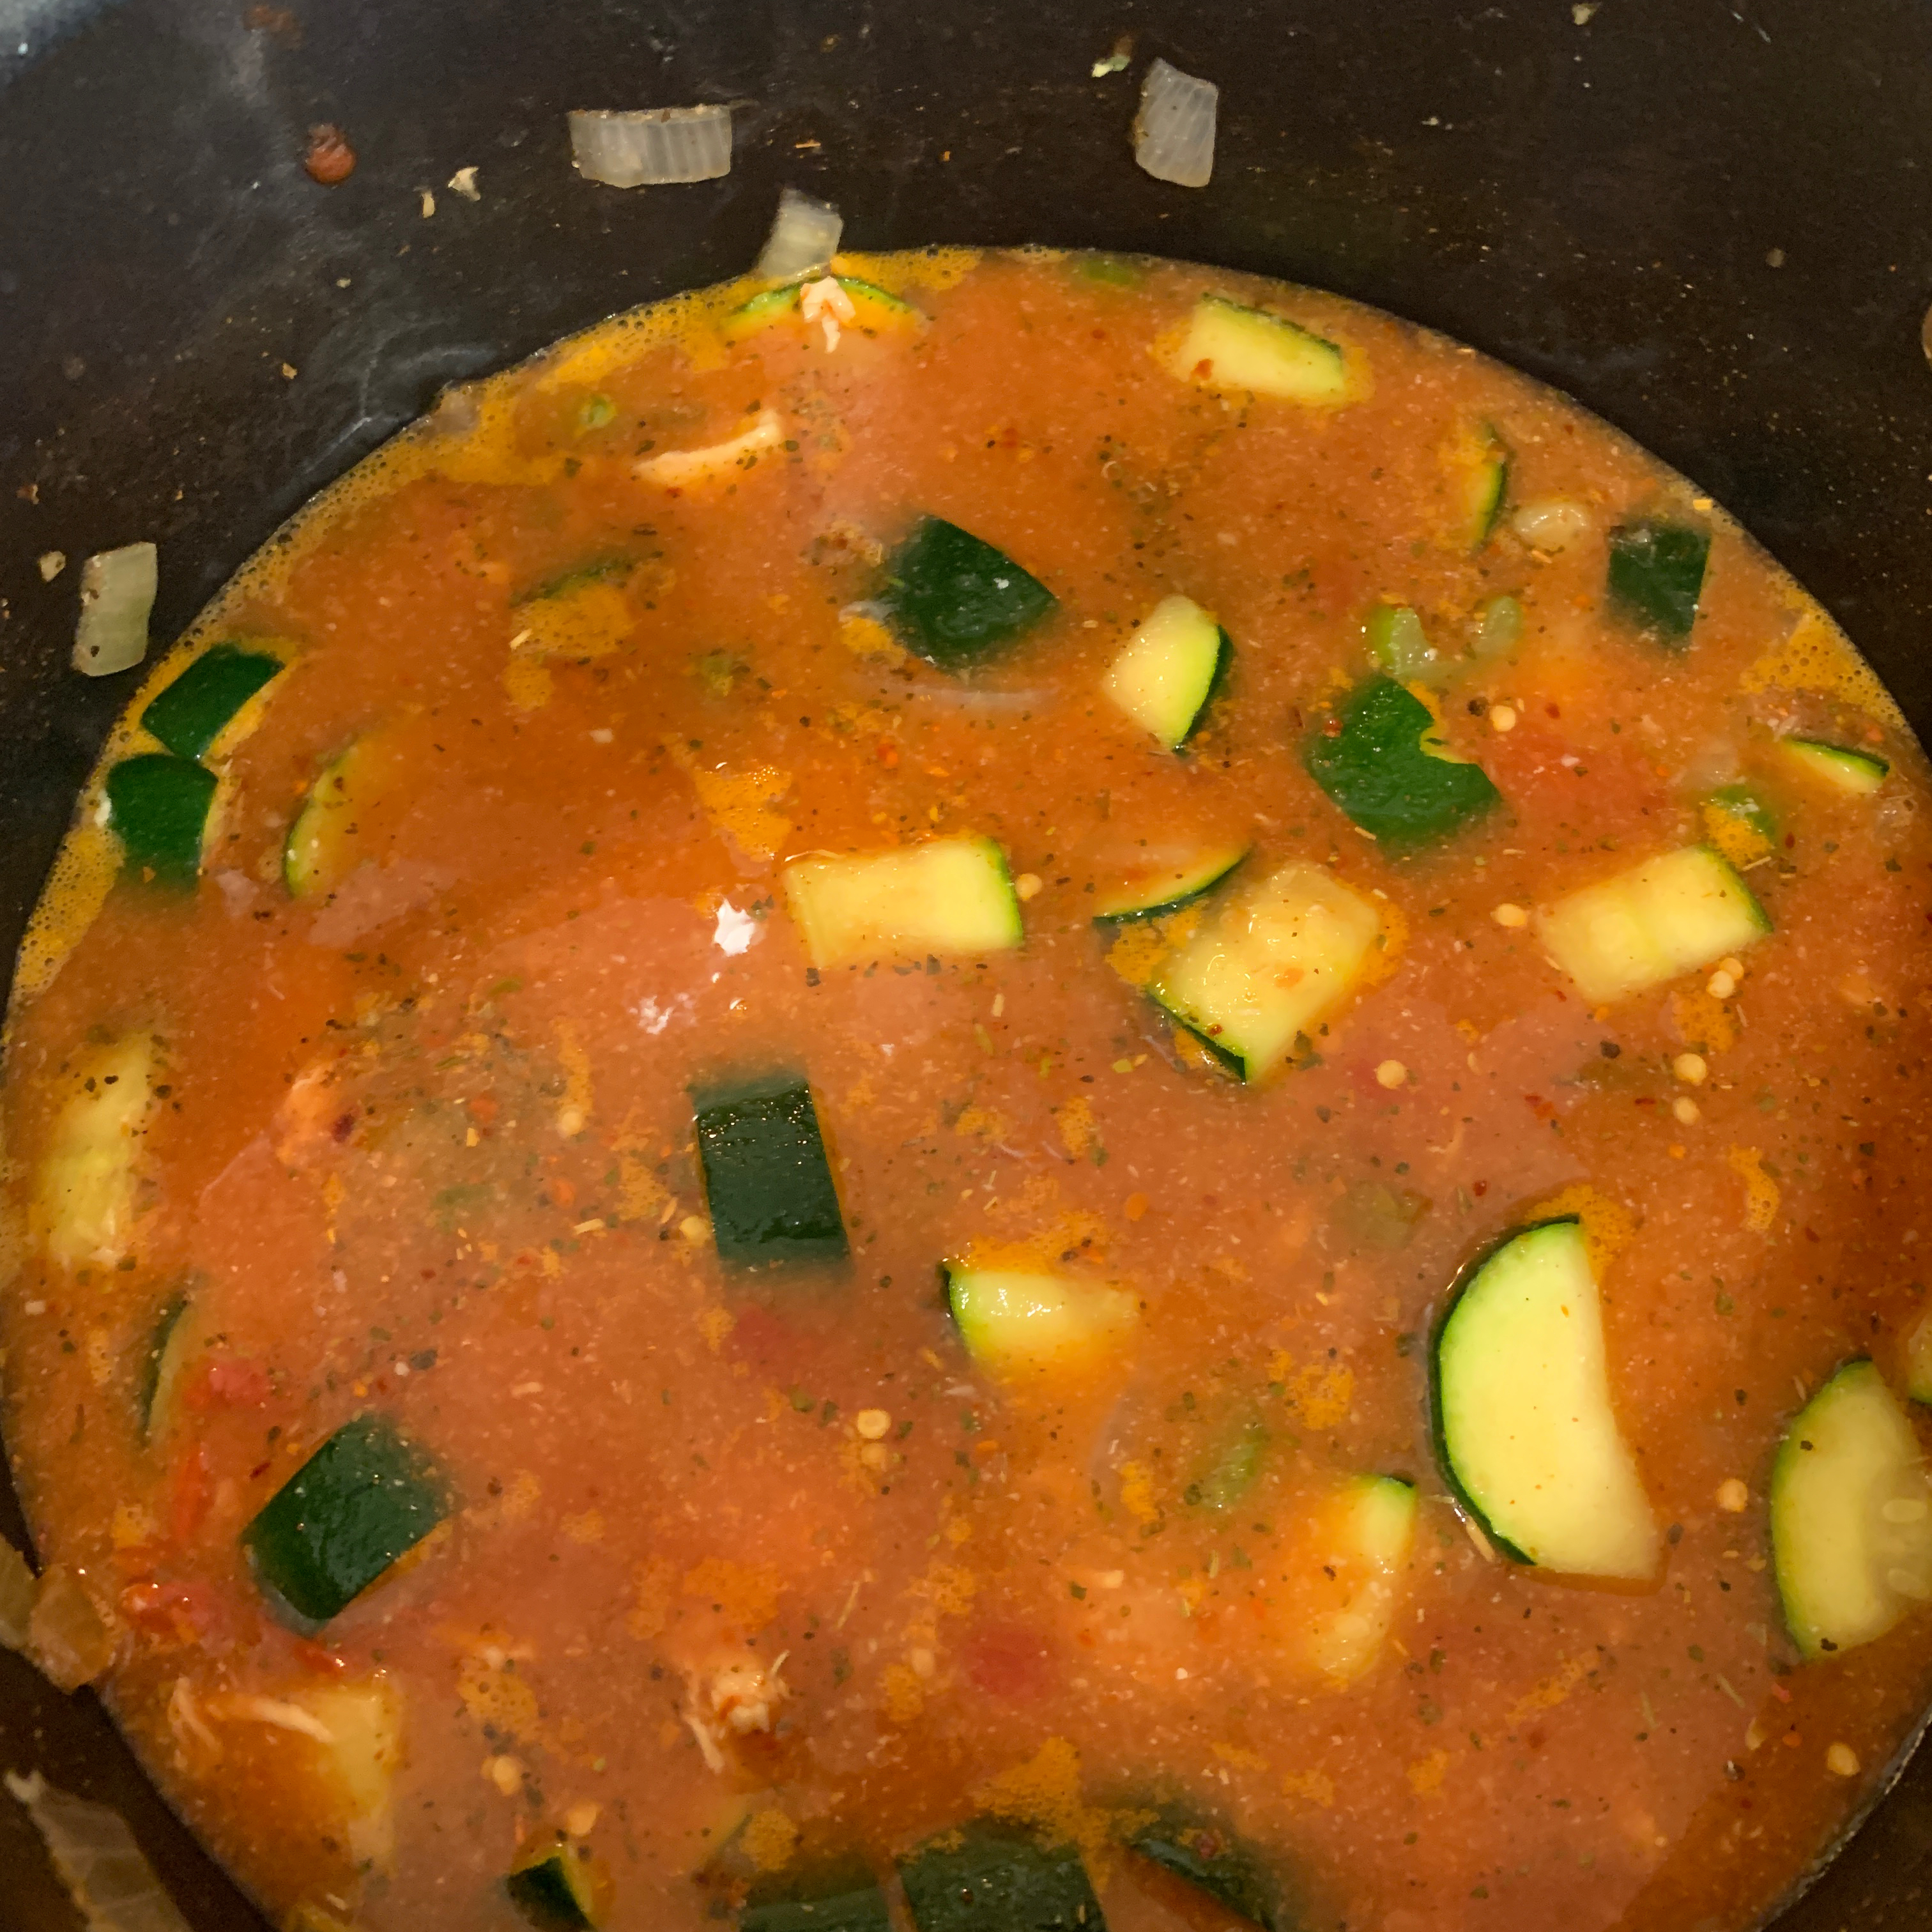 Spicy Cajun Chicken Stew phucm